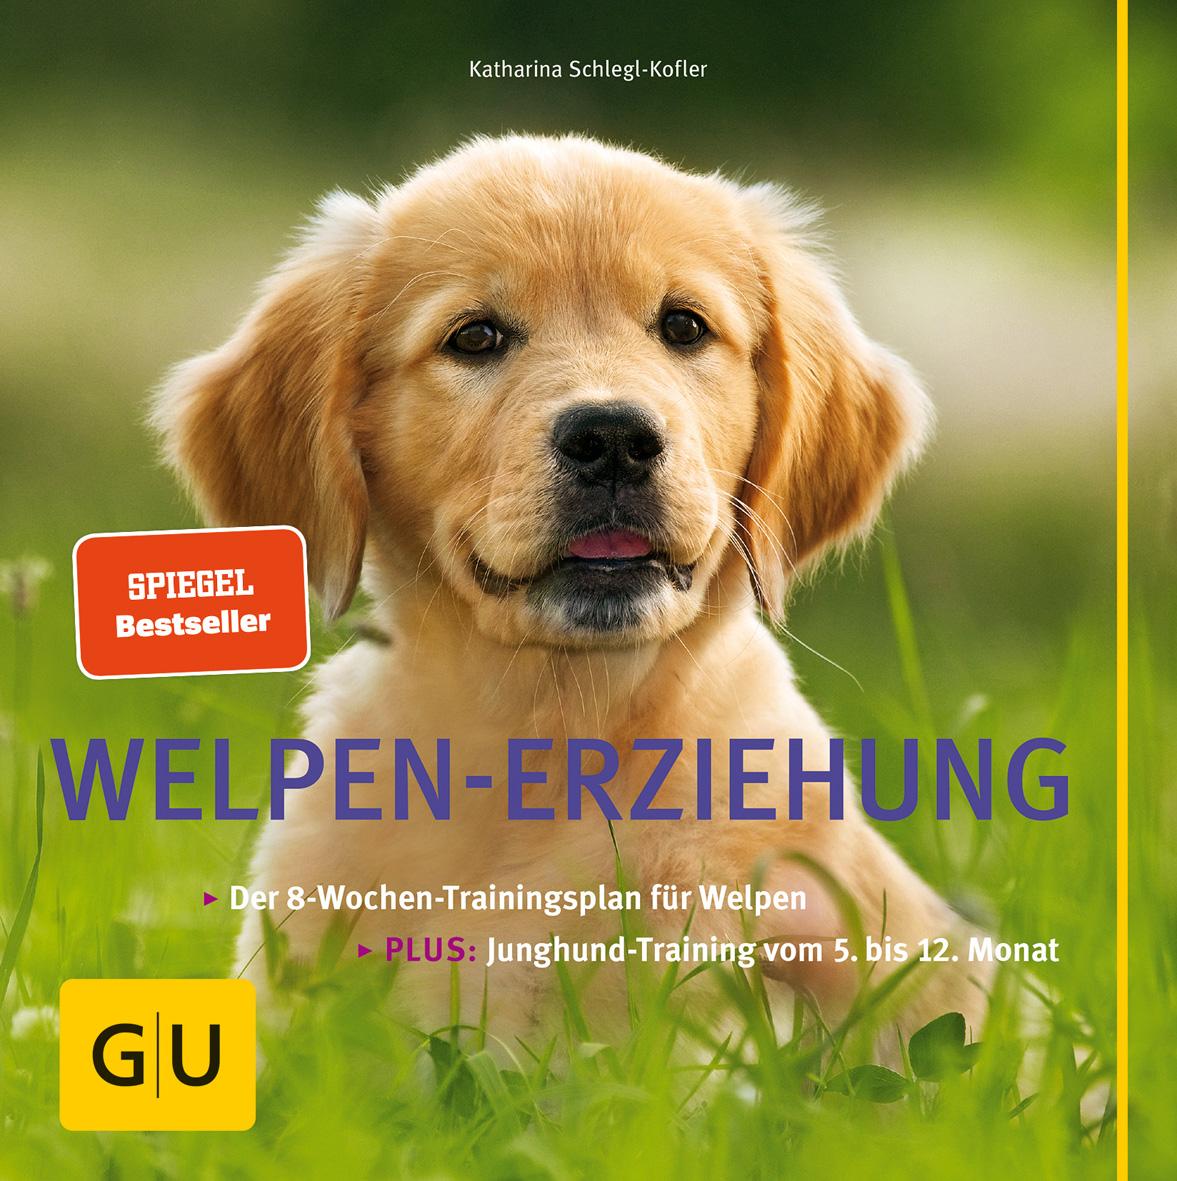 Welpen-Erziehung [Katharina Schlegl-Kofler]